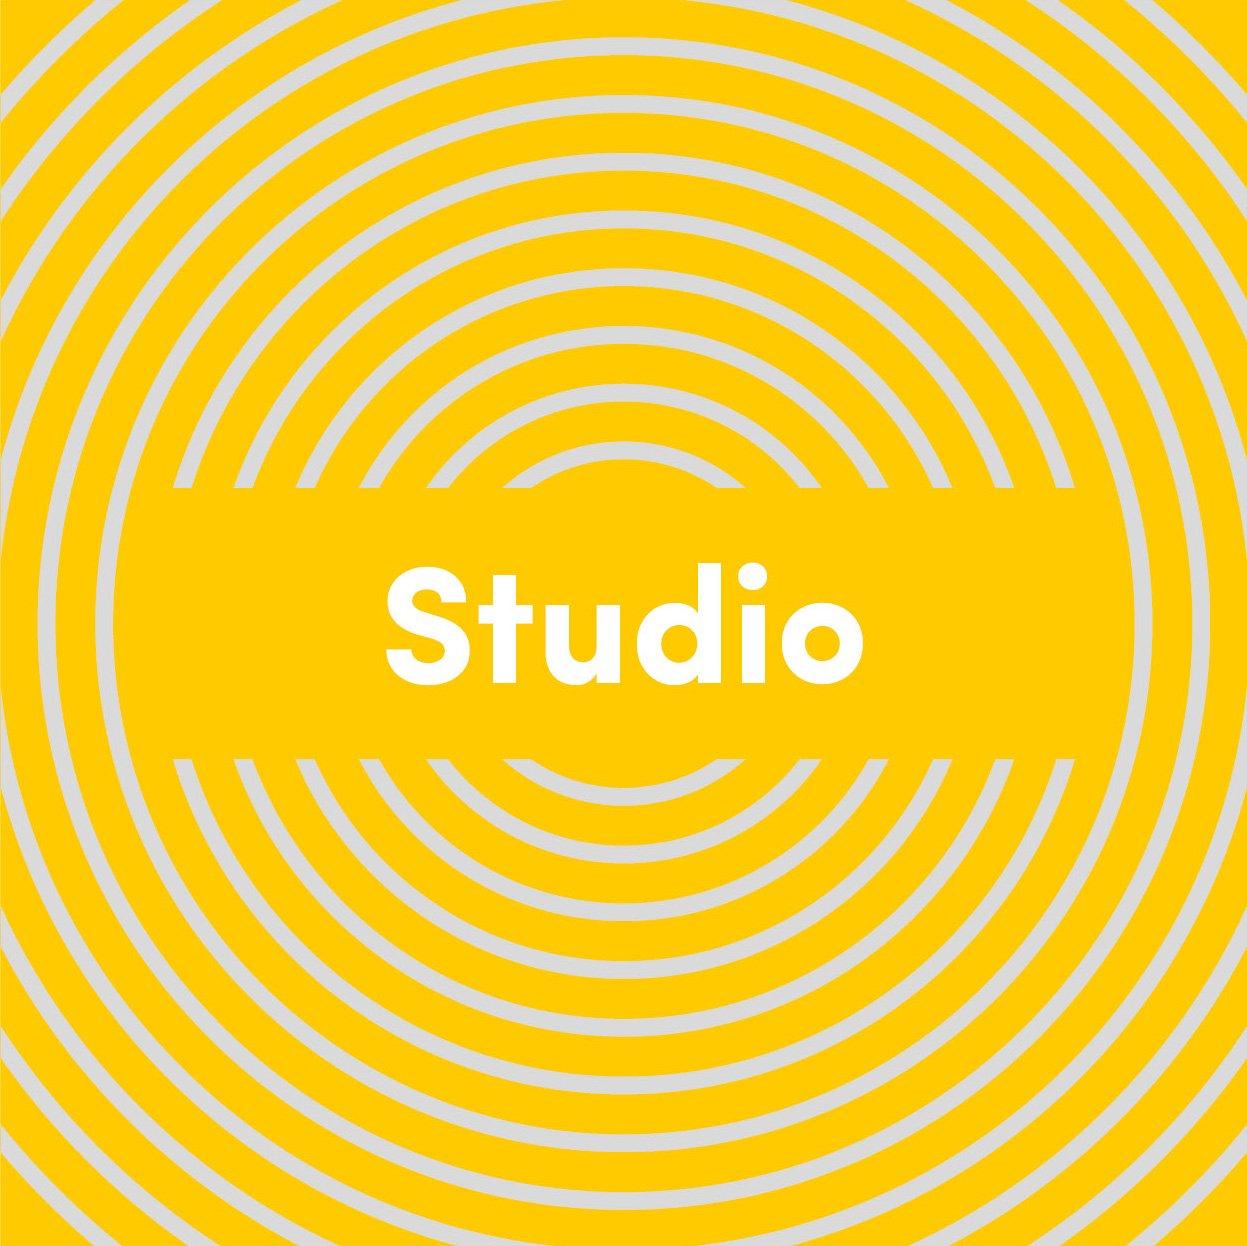 Inspire Makers - Studio